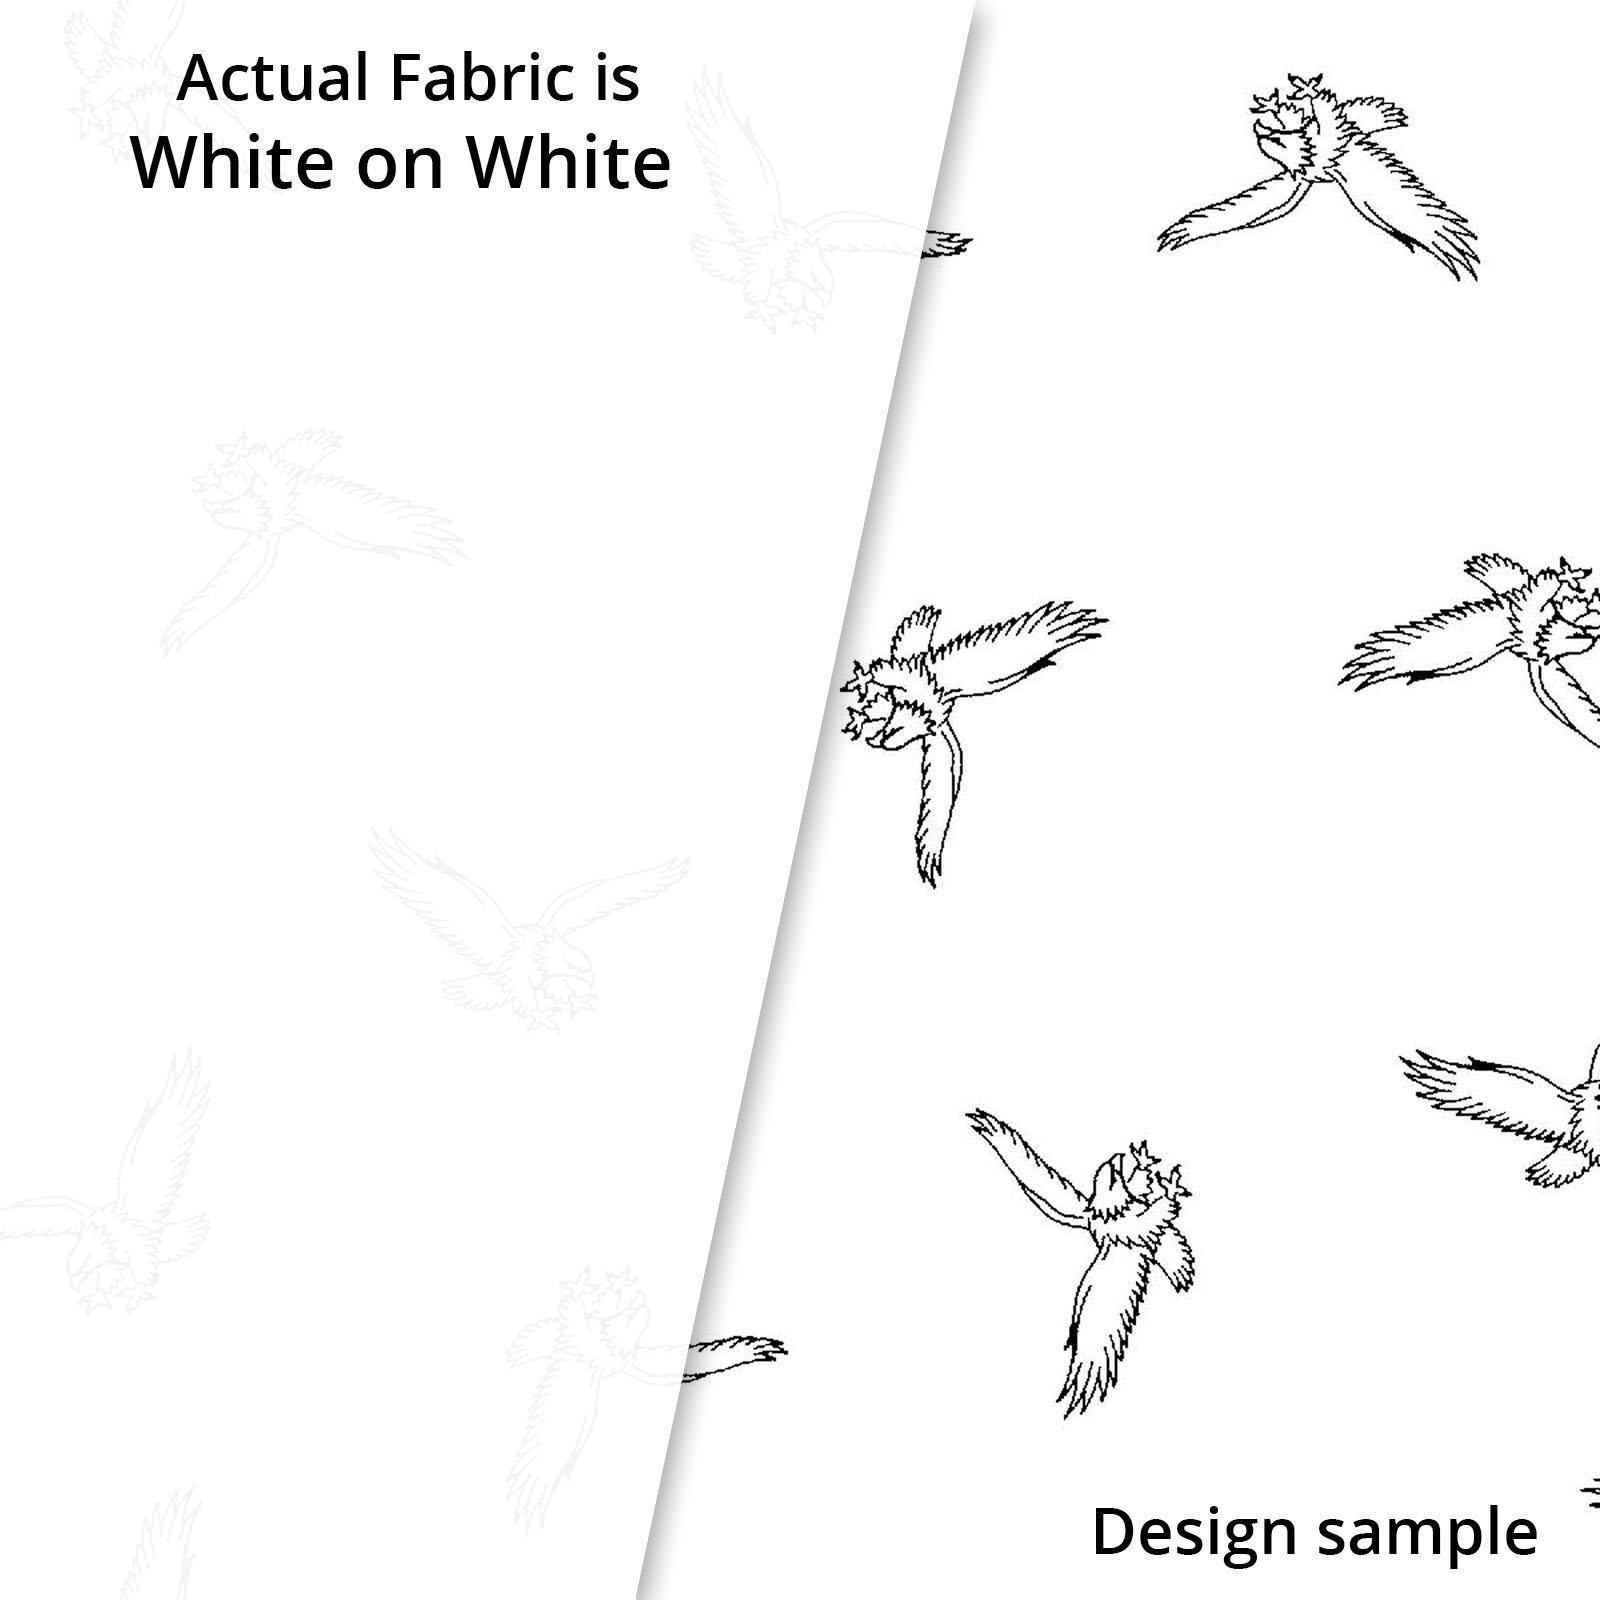 RAMS 4209 W White on White Eagles Spring Ramblings P&B Textiles